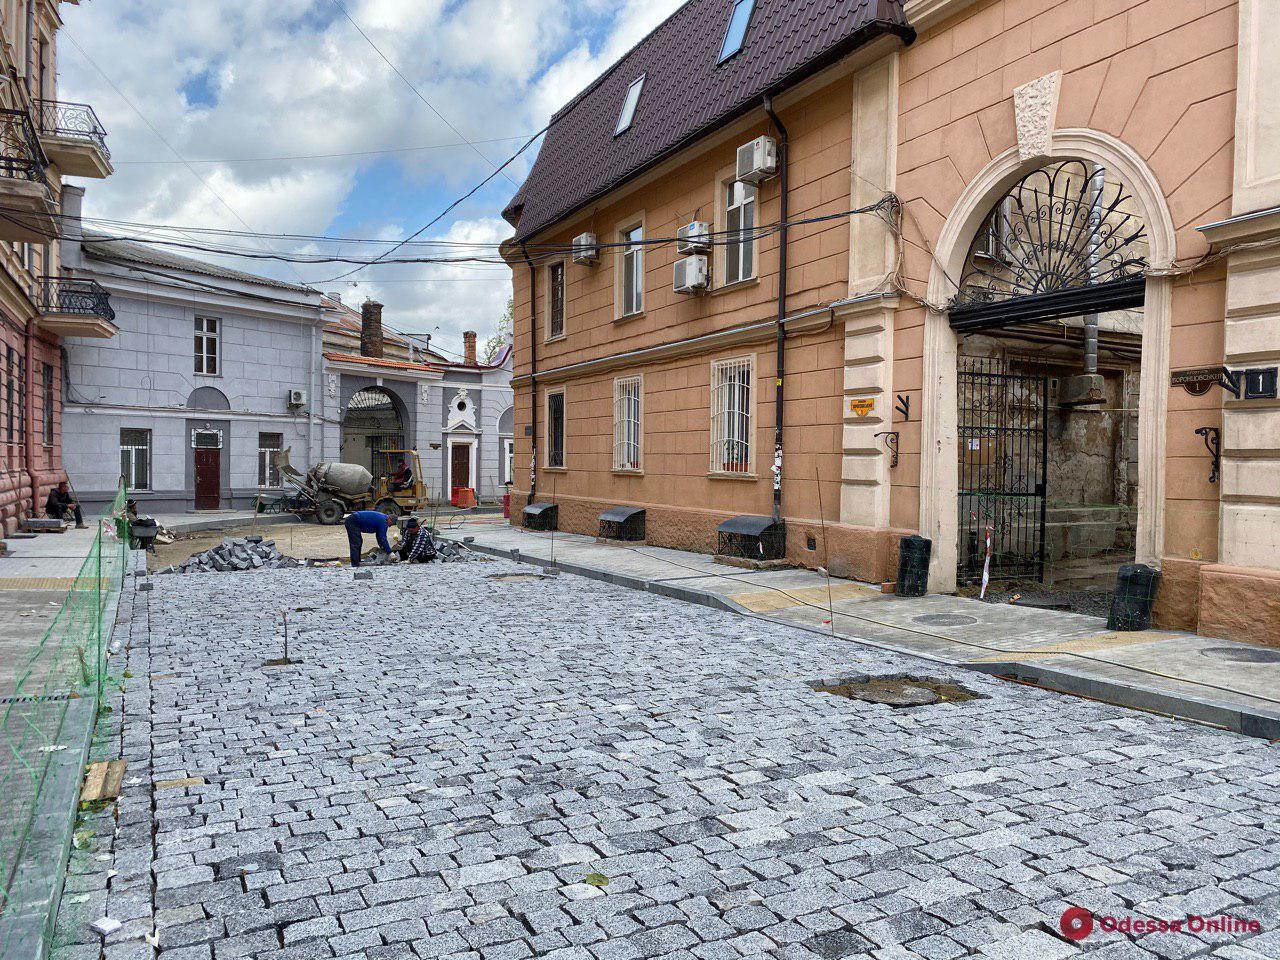 Лавовые плиты и гранитная брусчатка: как проходит капитальный ремонт Воронцовского переулка (фото)